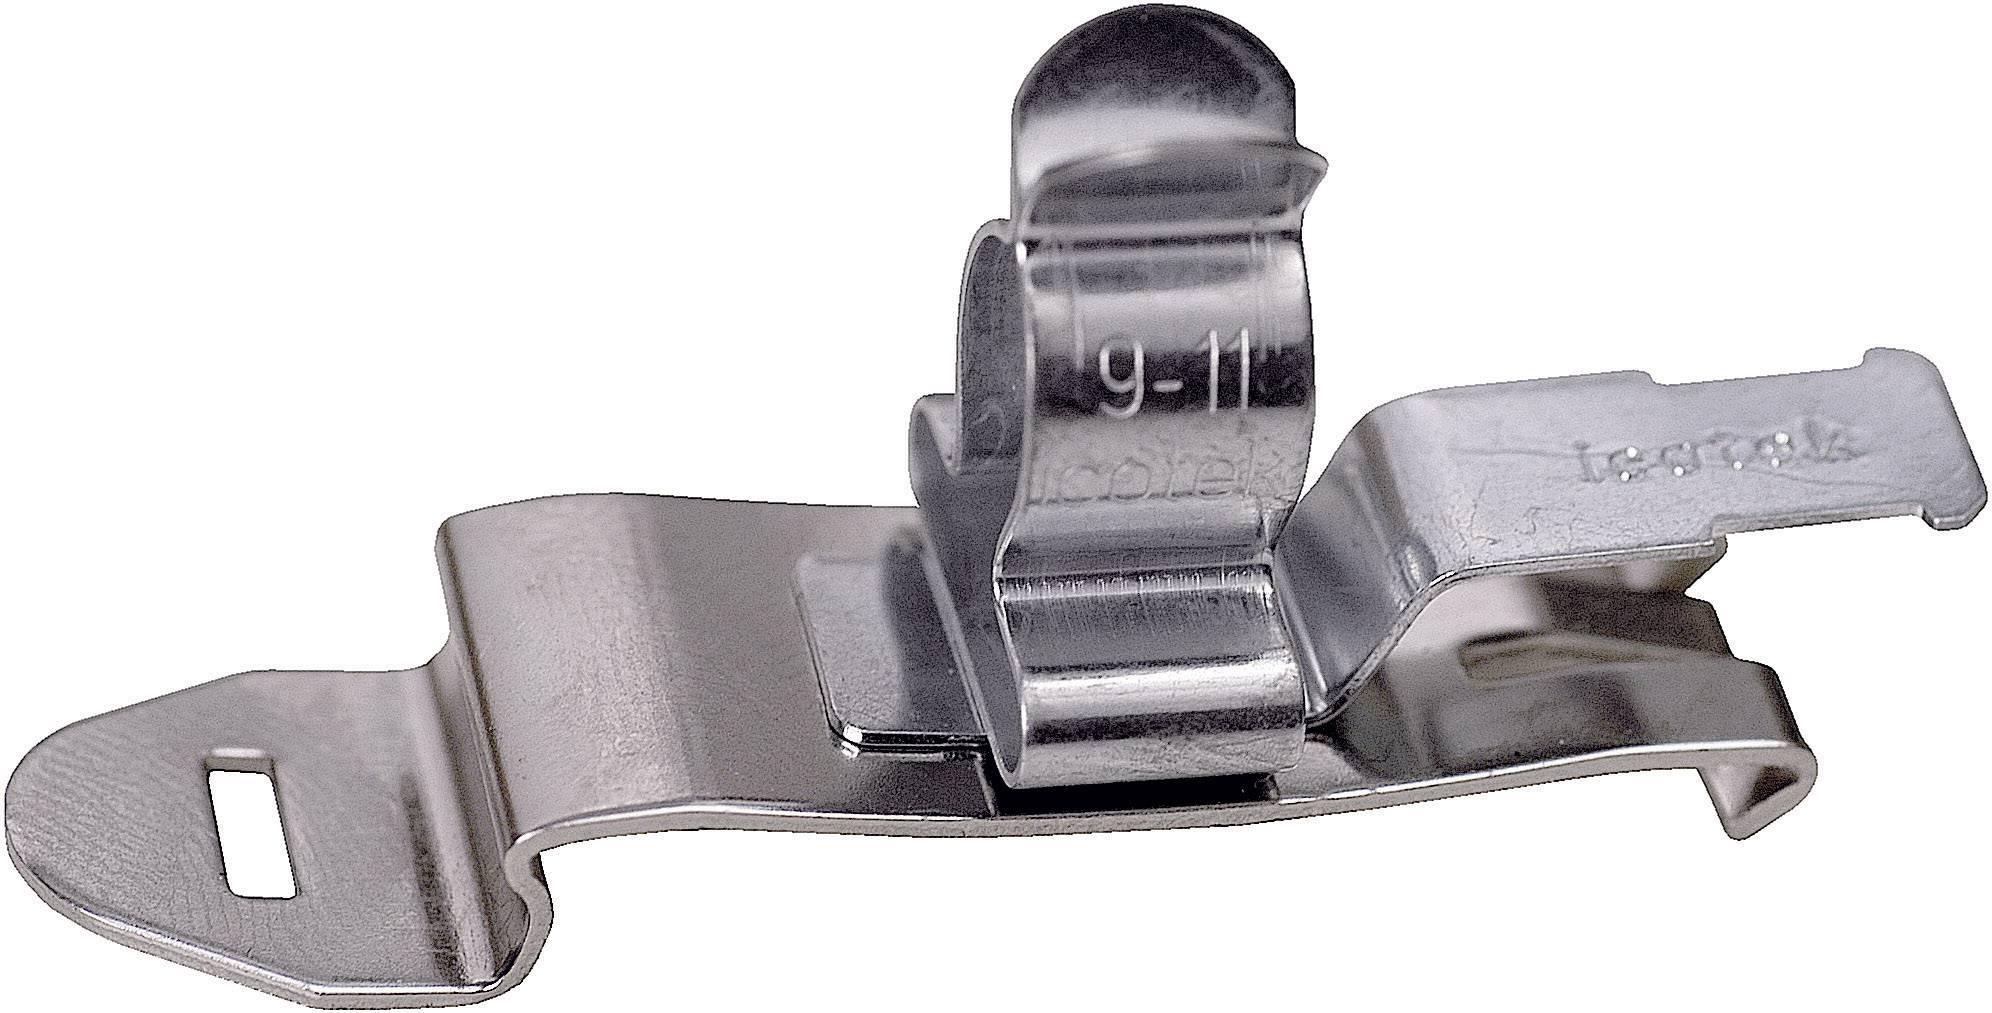 Icotek Zaščitna sponka SFZ SFZ|SKL 12-16 za kabel- 12 - 16 mm, pocinkano vzmetno jeklo